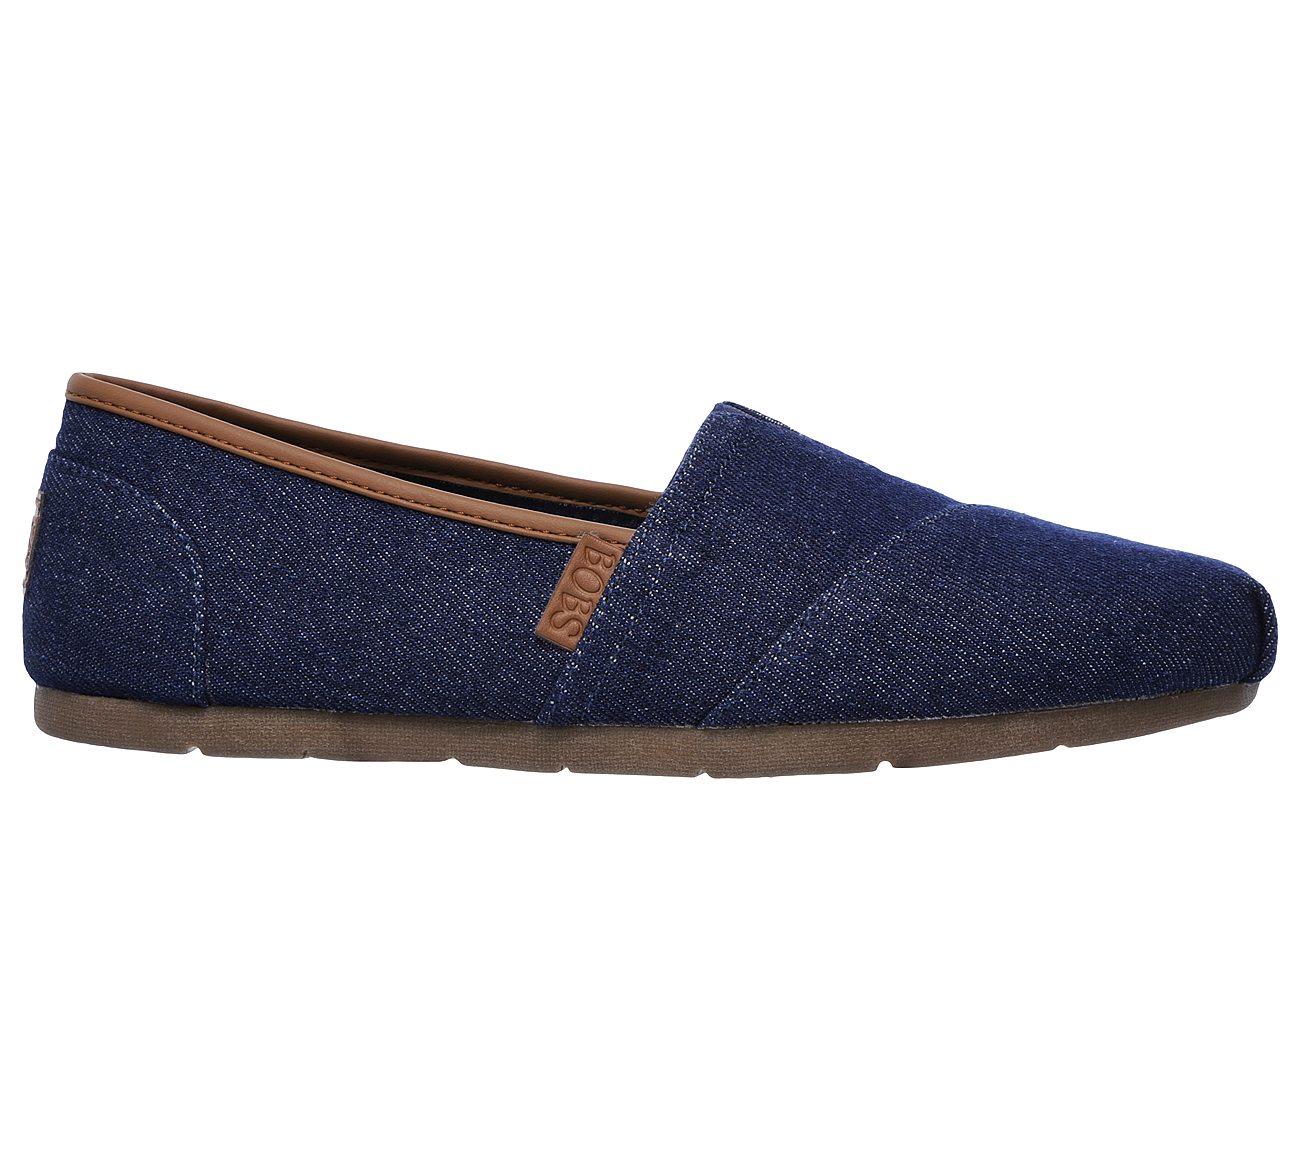 Buy SKECHERS Luxe Bobs SKECHERS Bobs Shoes